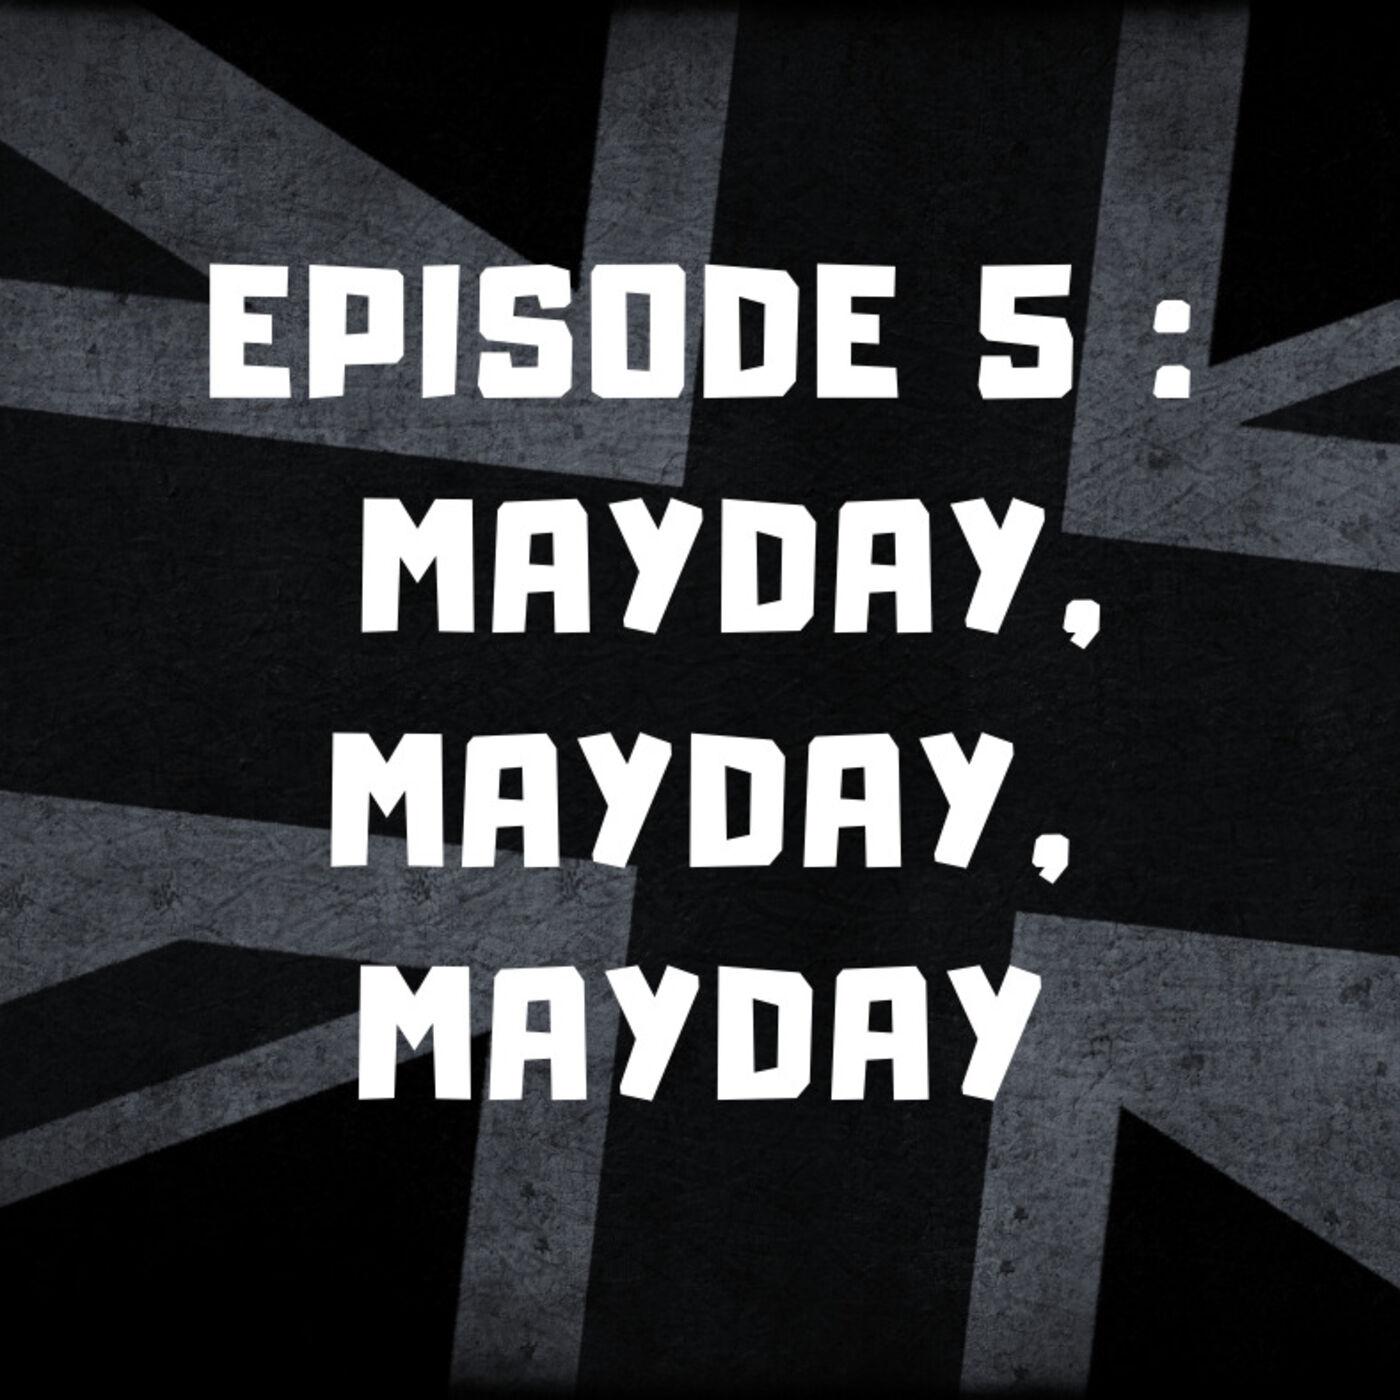 Episode 5 - Mayday, mayday, mayday